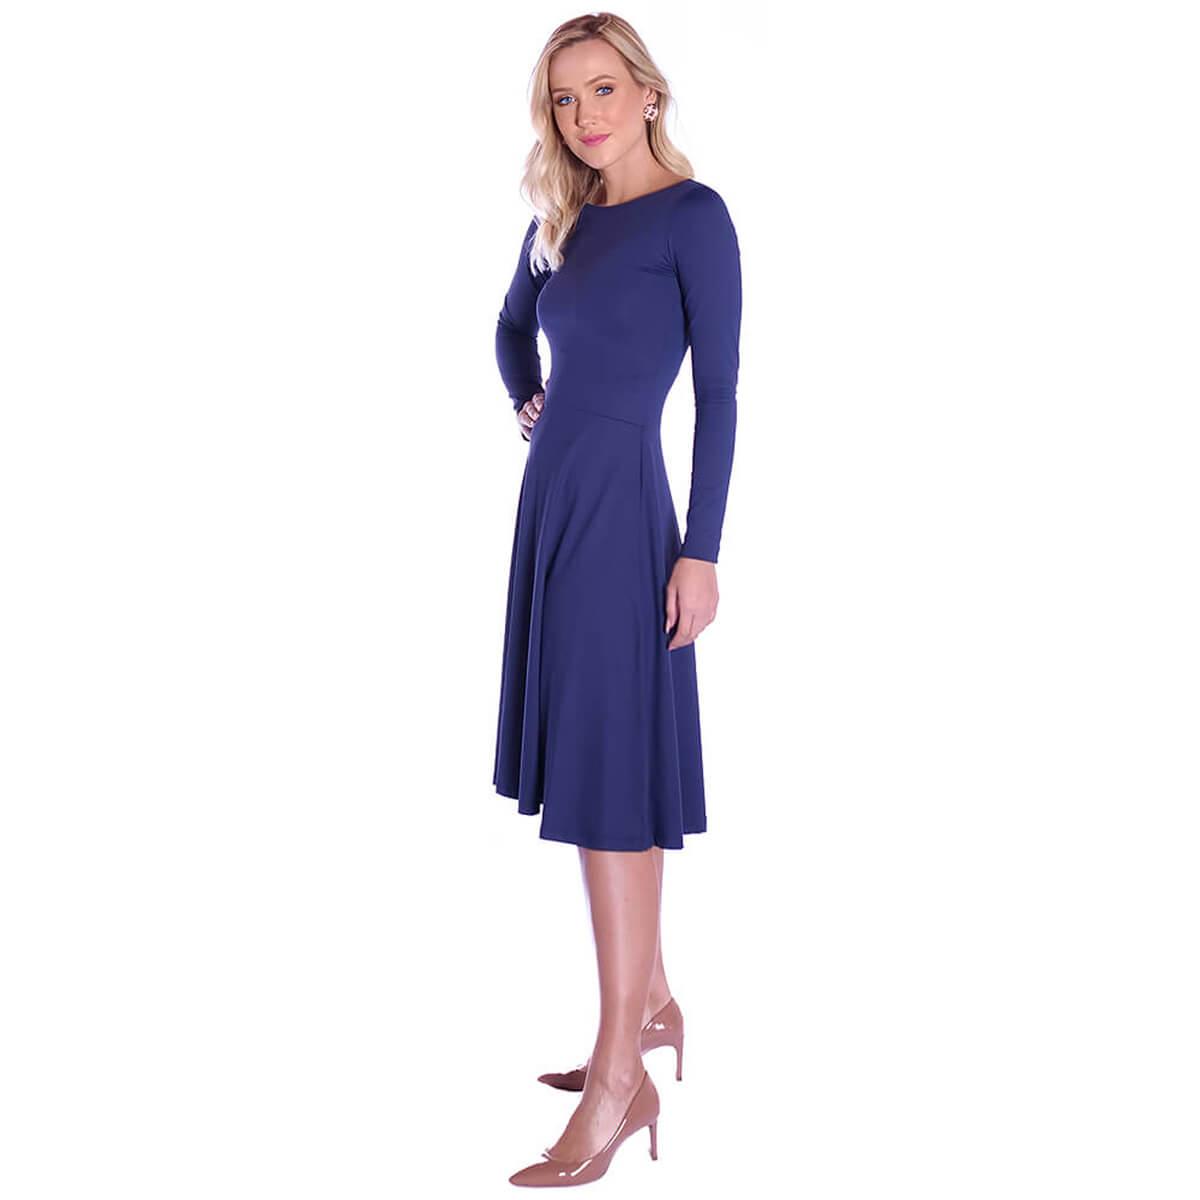 Vestido Azul Marinho FICALINDA Manga Longa Decote Canoa